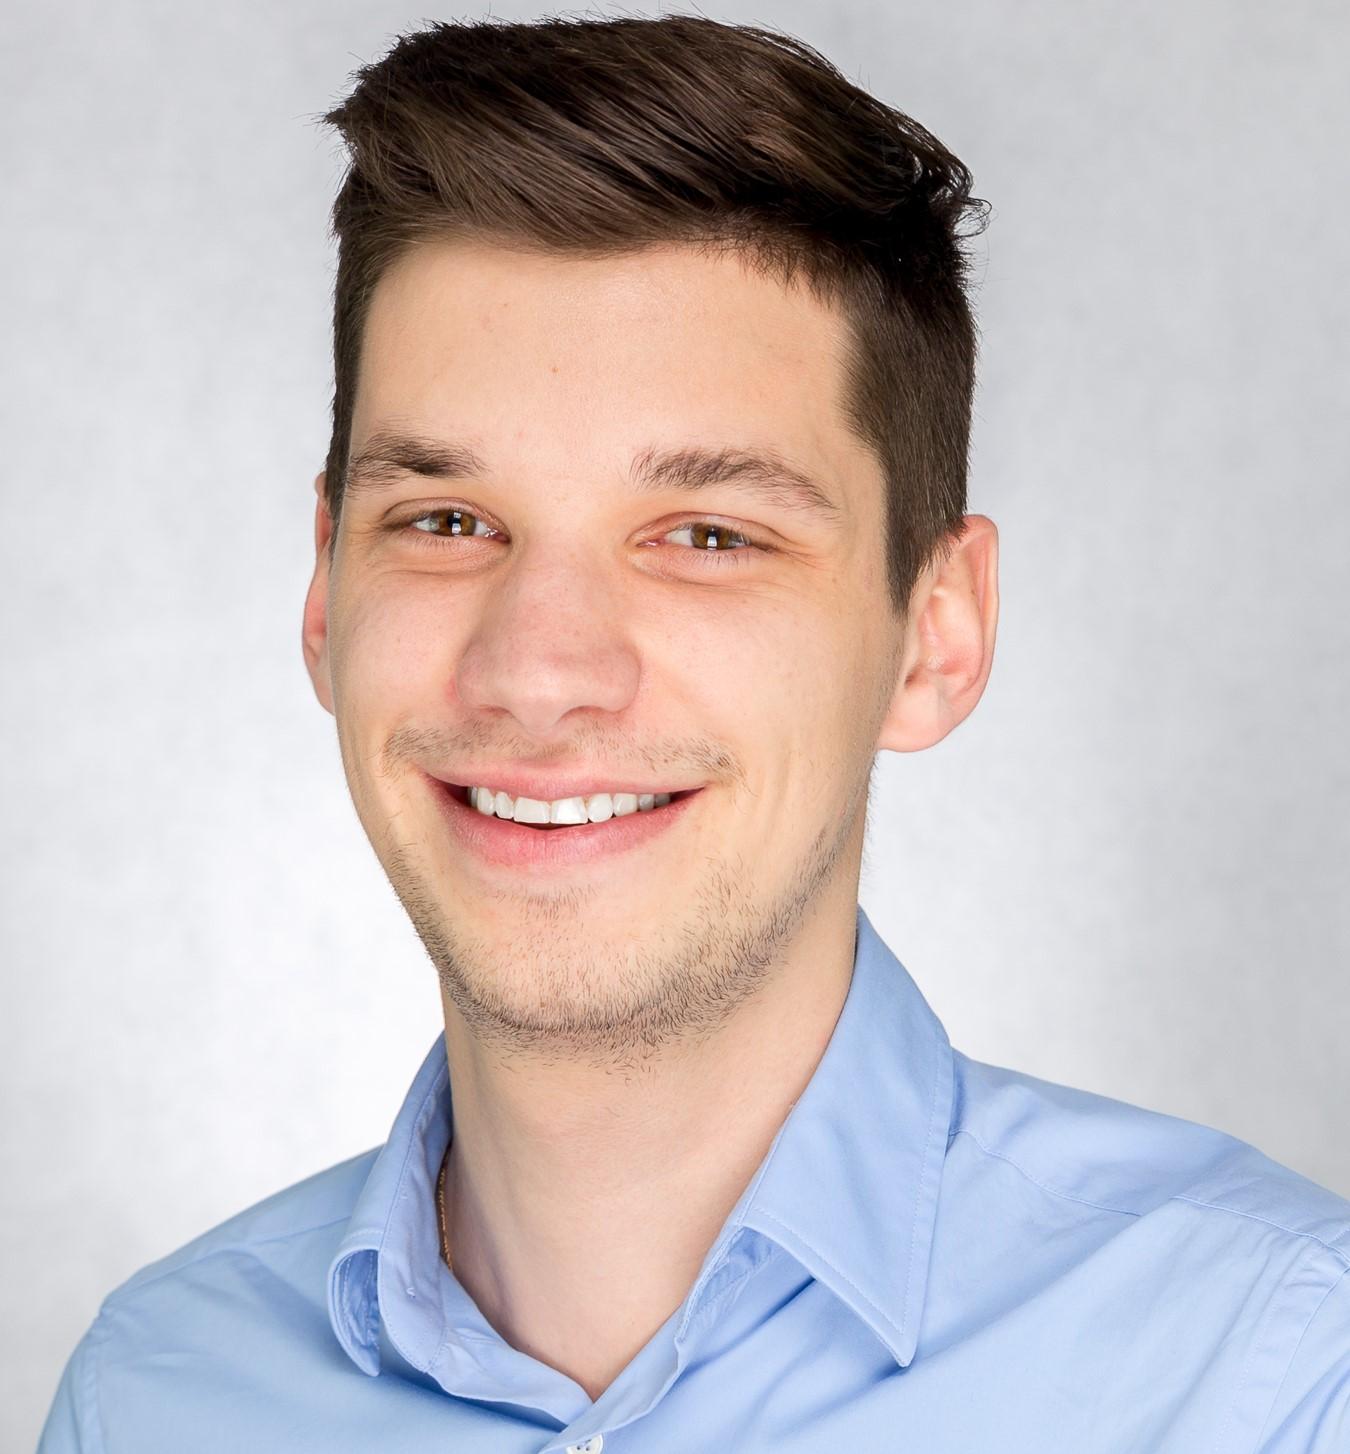 Krzysztof Szymanski